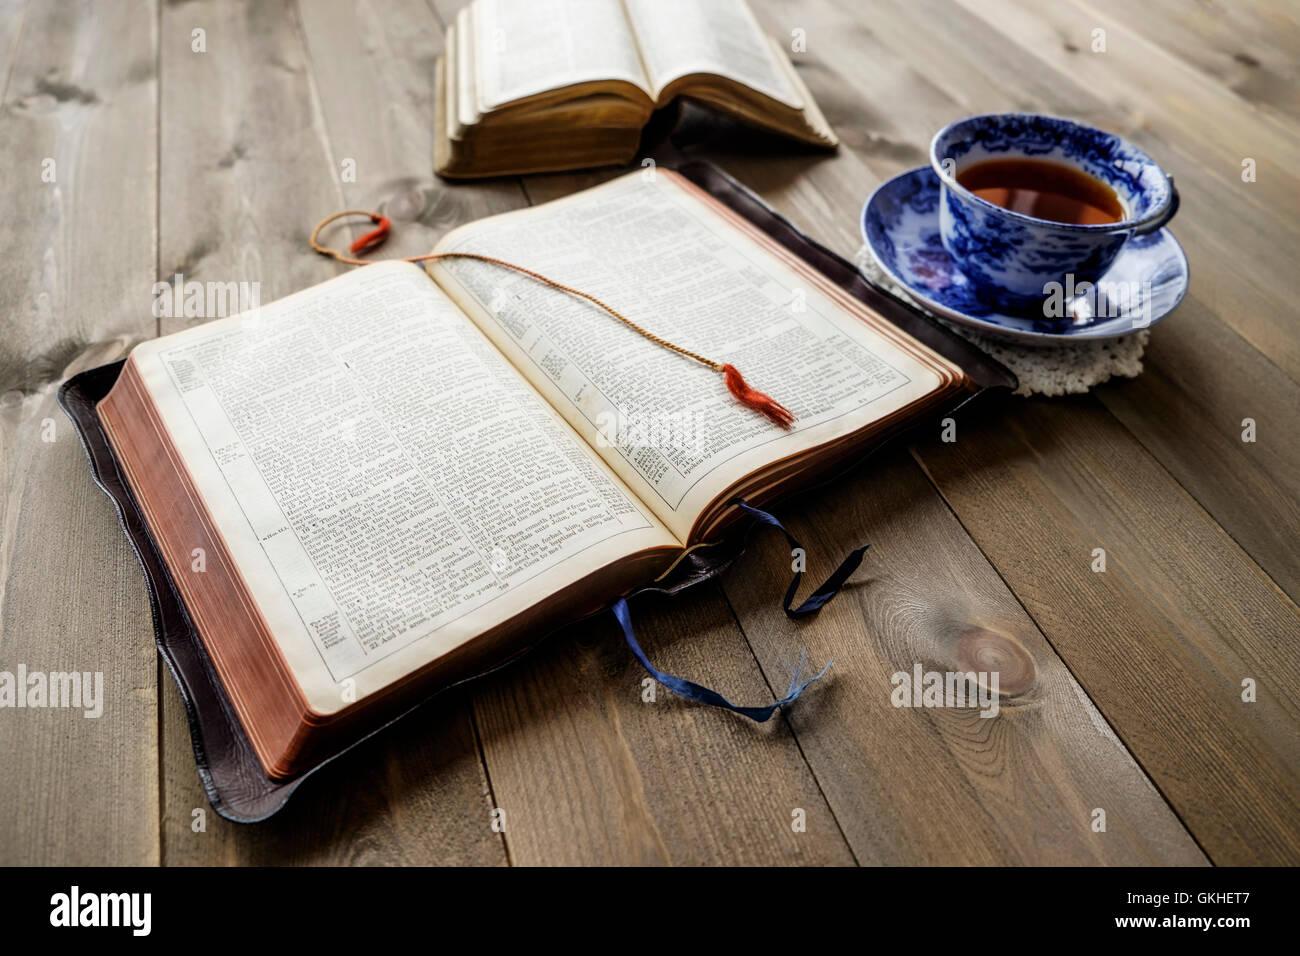 Pacífica Escena De Dos Religiosas Cristianas Biblias Abiertas Con